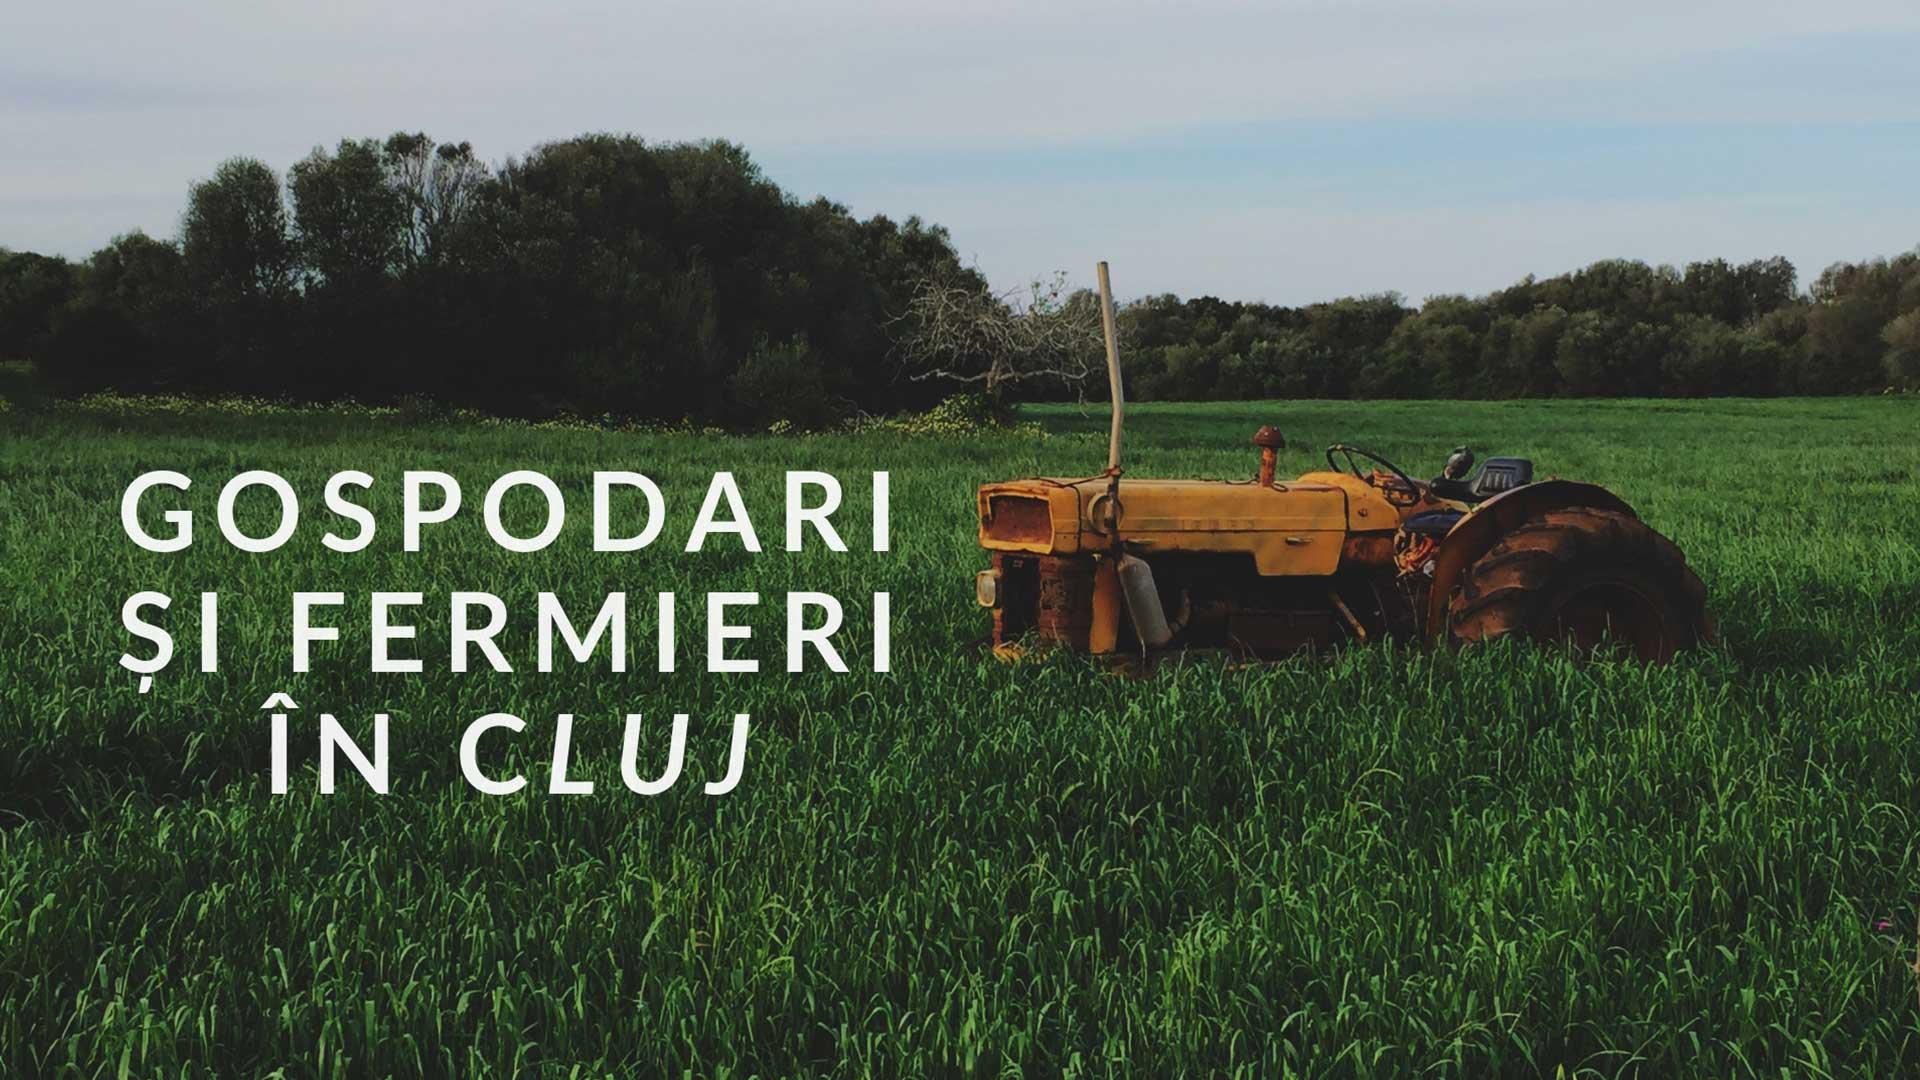 De unde poți lua produse locale de la gospodari și fermieri din județul Cluj și împrejurimi